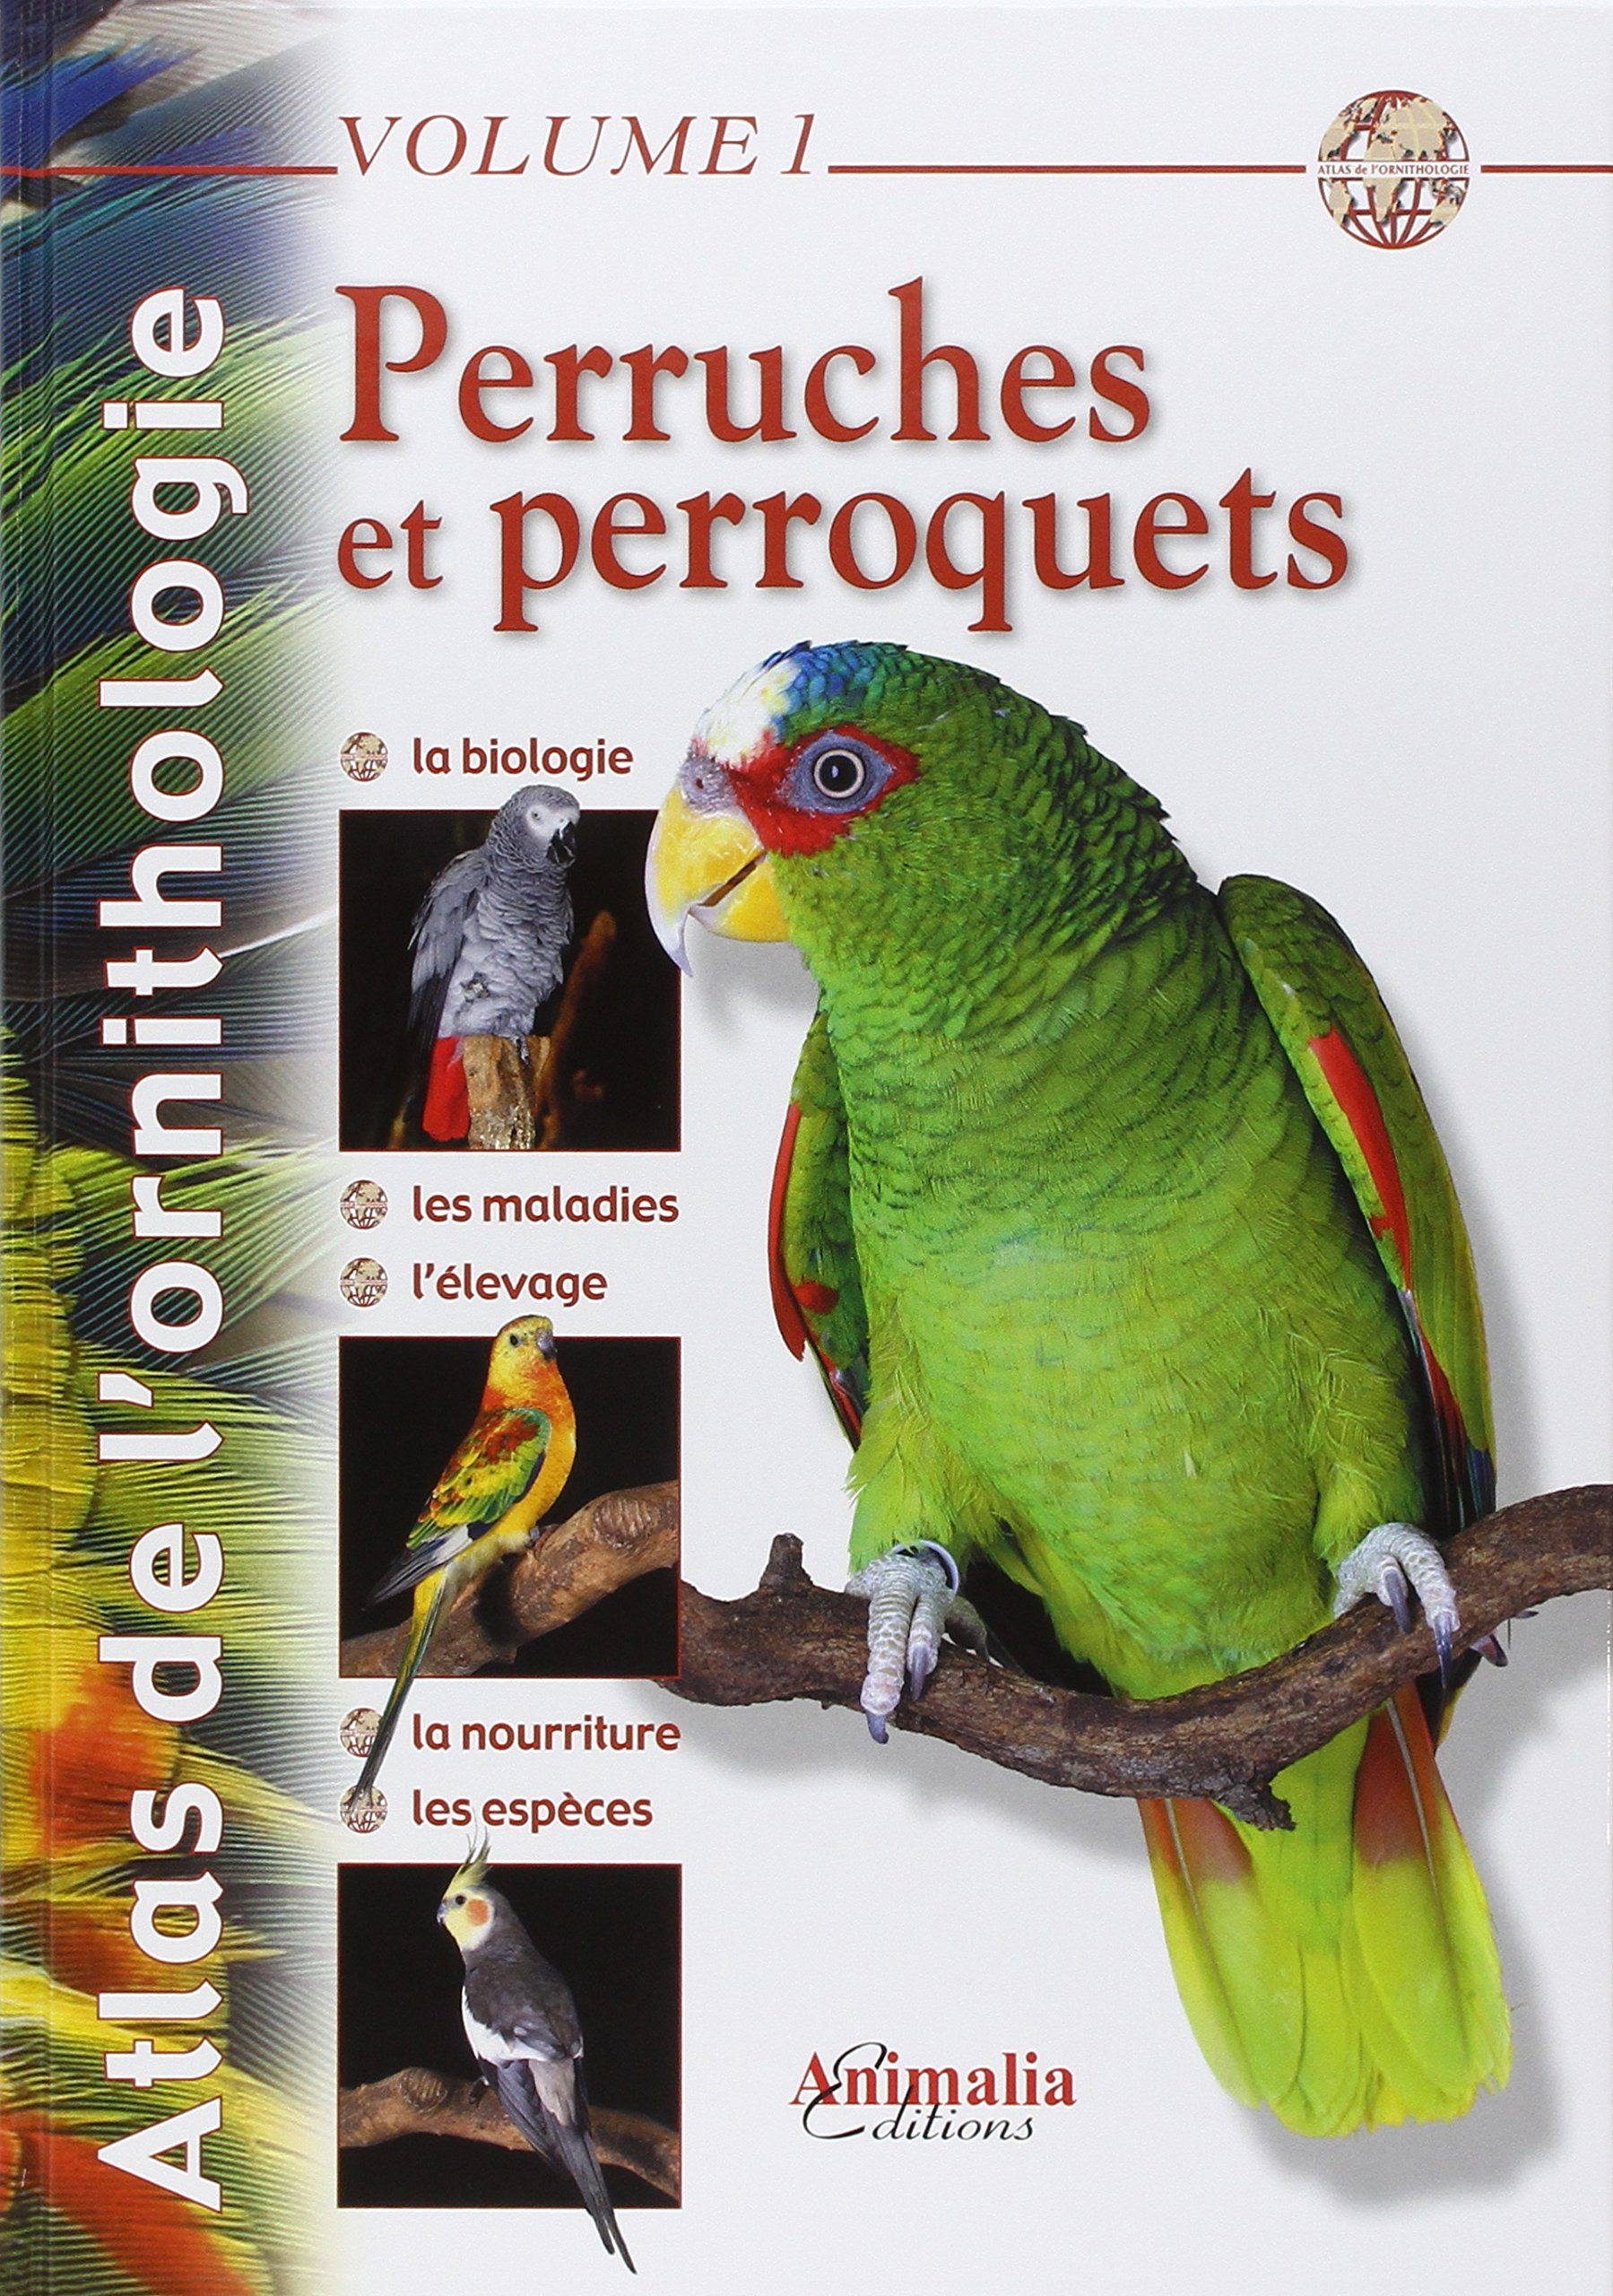 Atlas de l'ornithologie - Volume 1: Perruches et Perroquets Relié – 5 avril 2012 Gabriel Prin Jacqueline Prin Philippe de Wailly Animalia